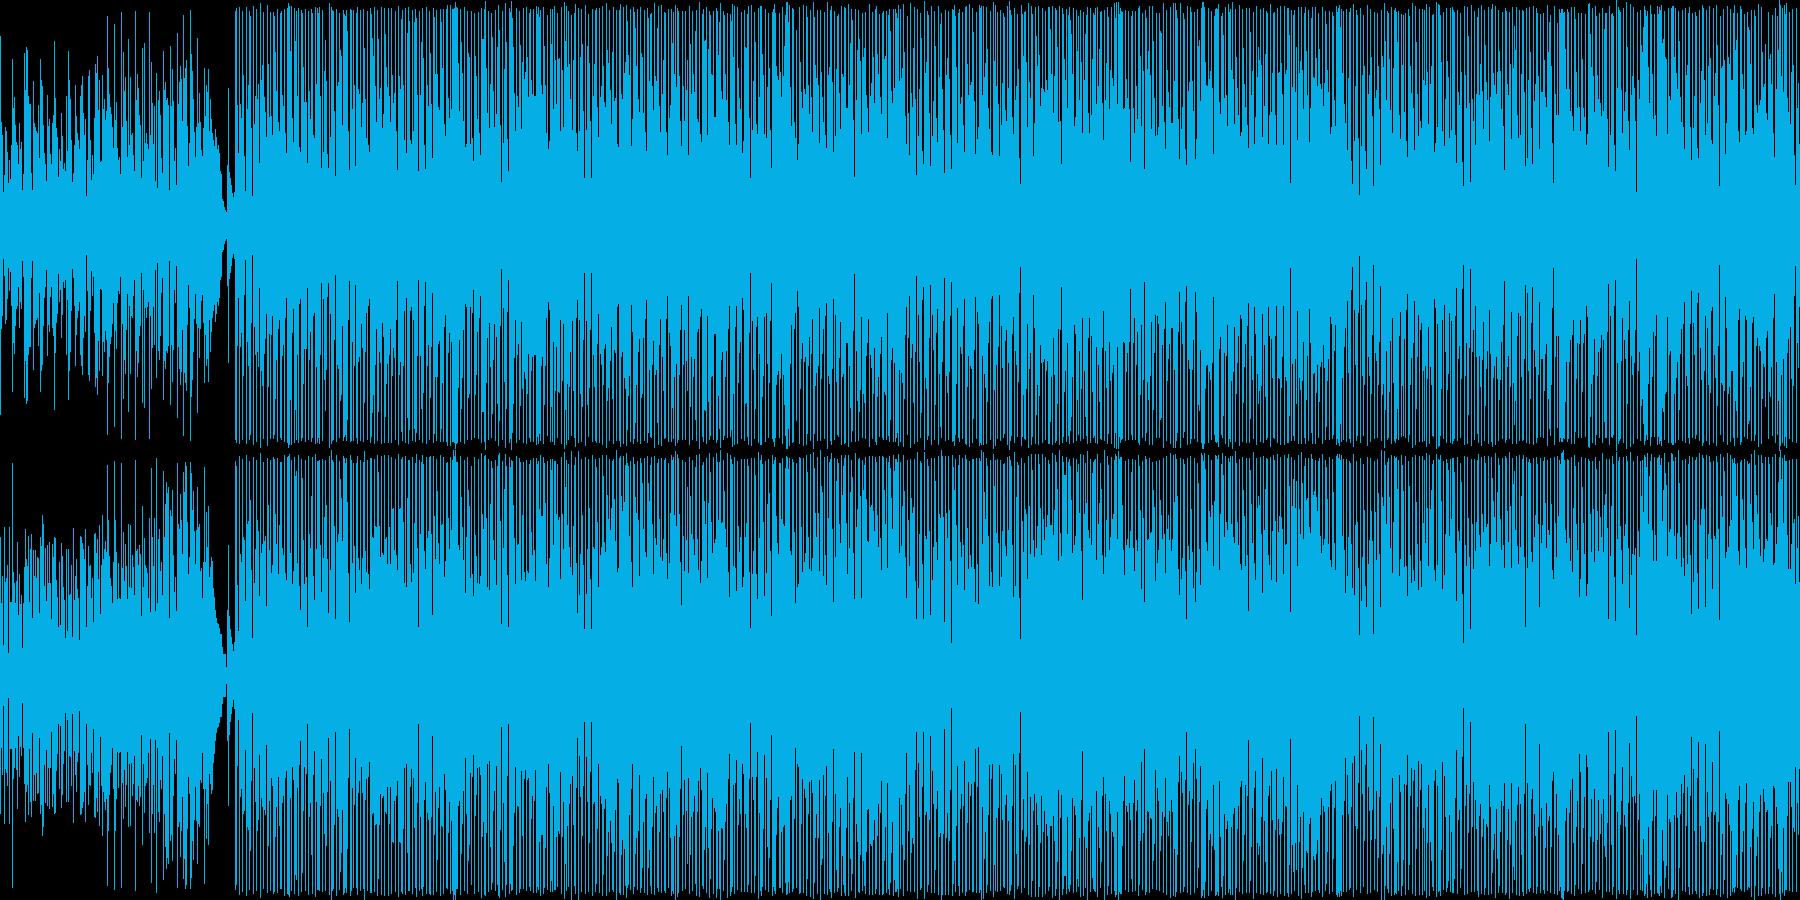 アコギによる軽快で明るい旋律の曲の再生済みの波形